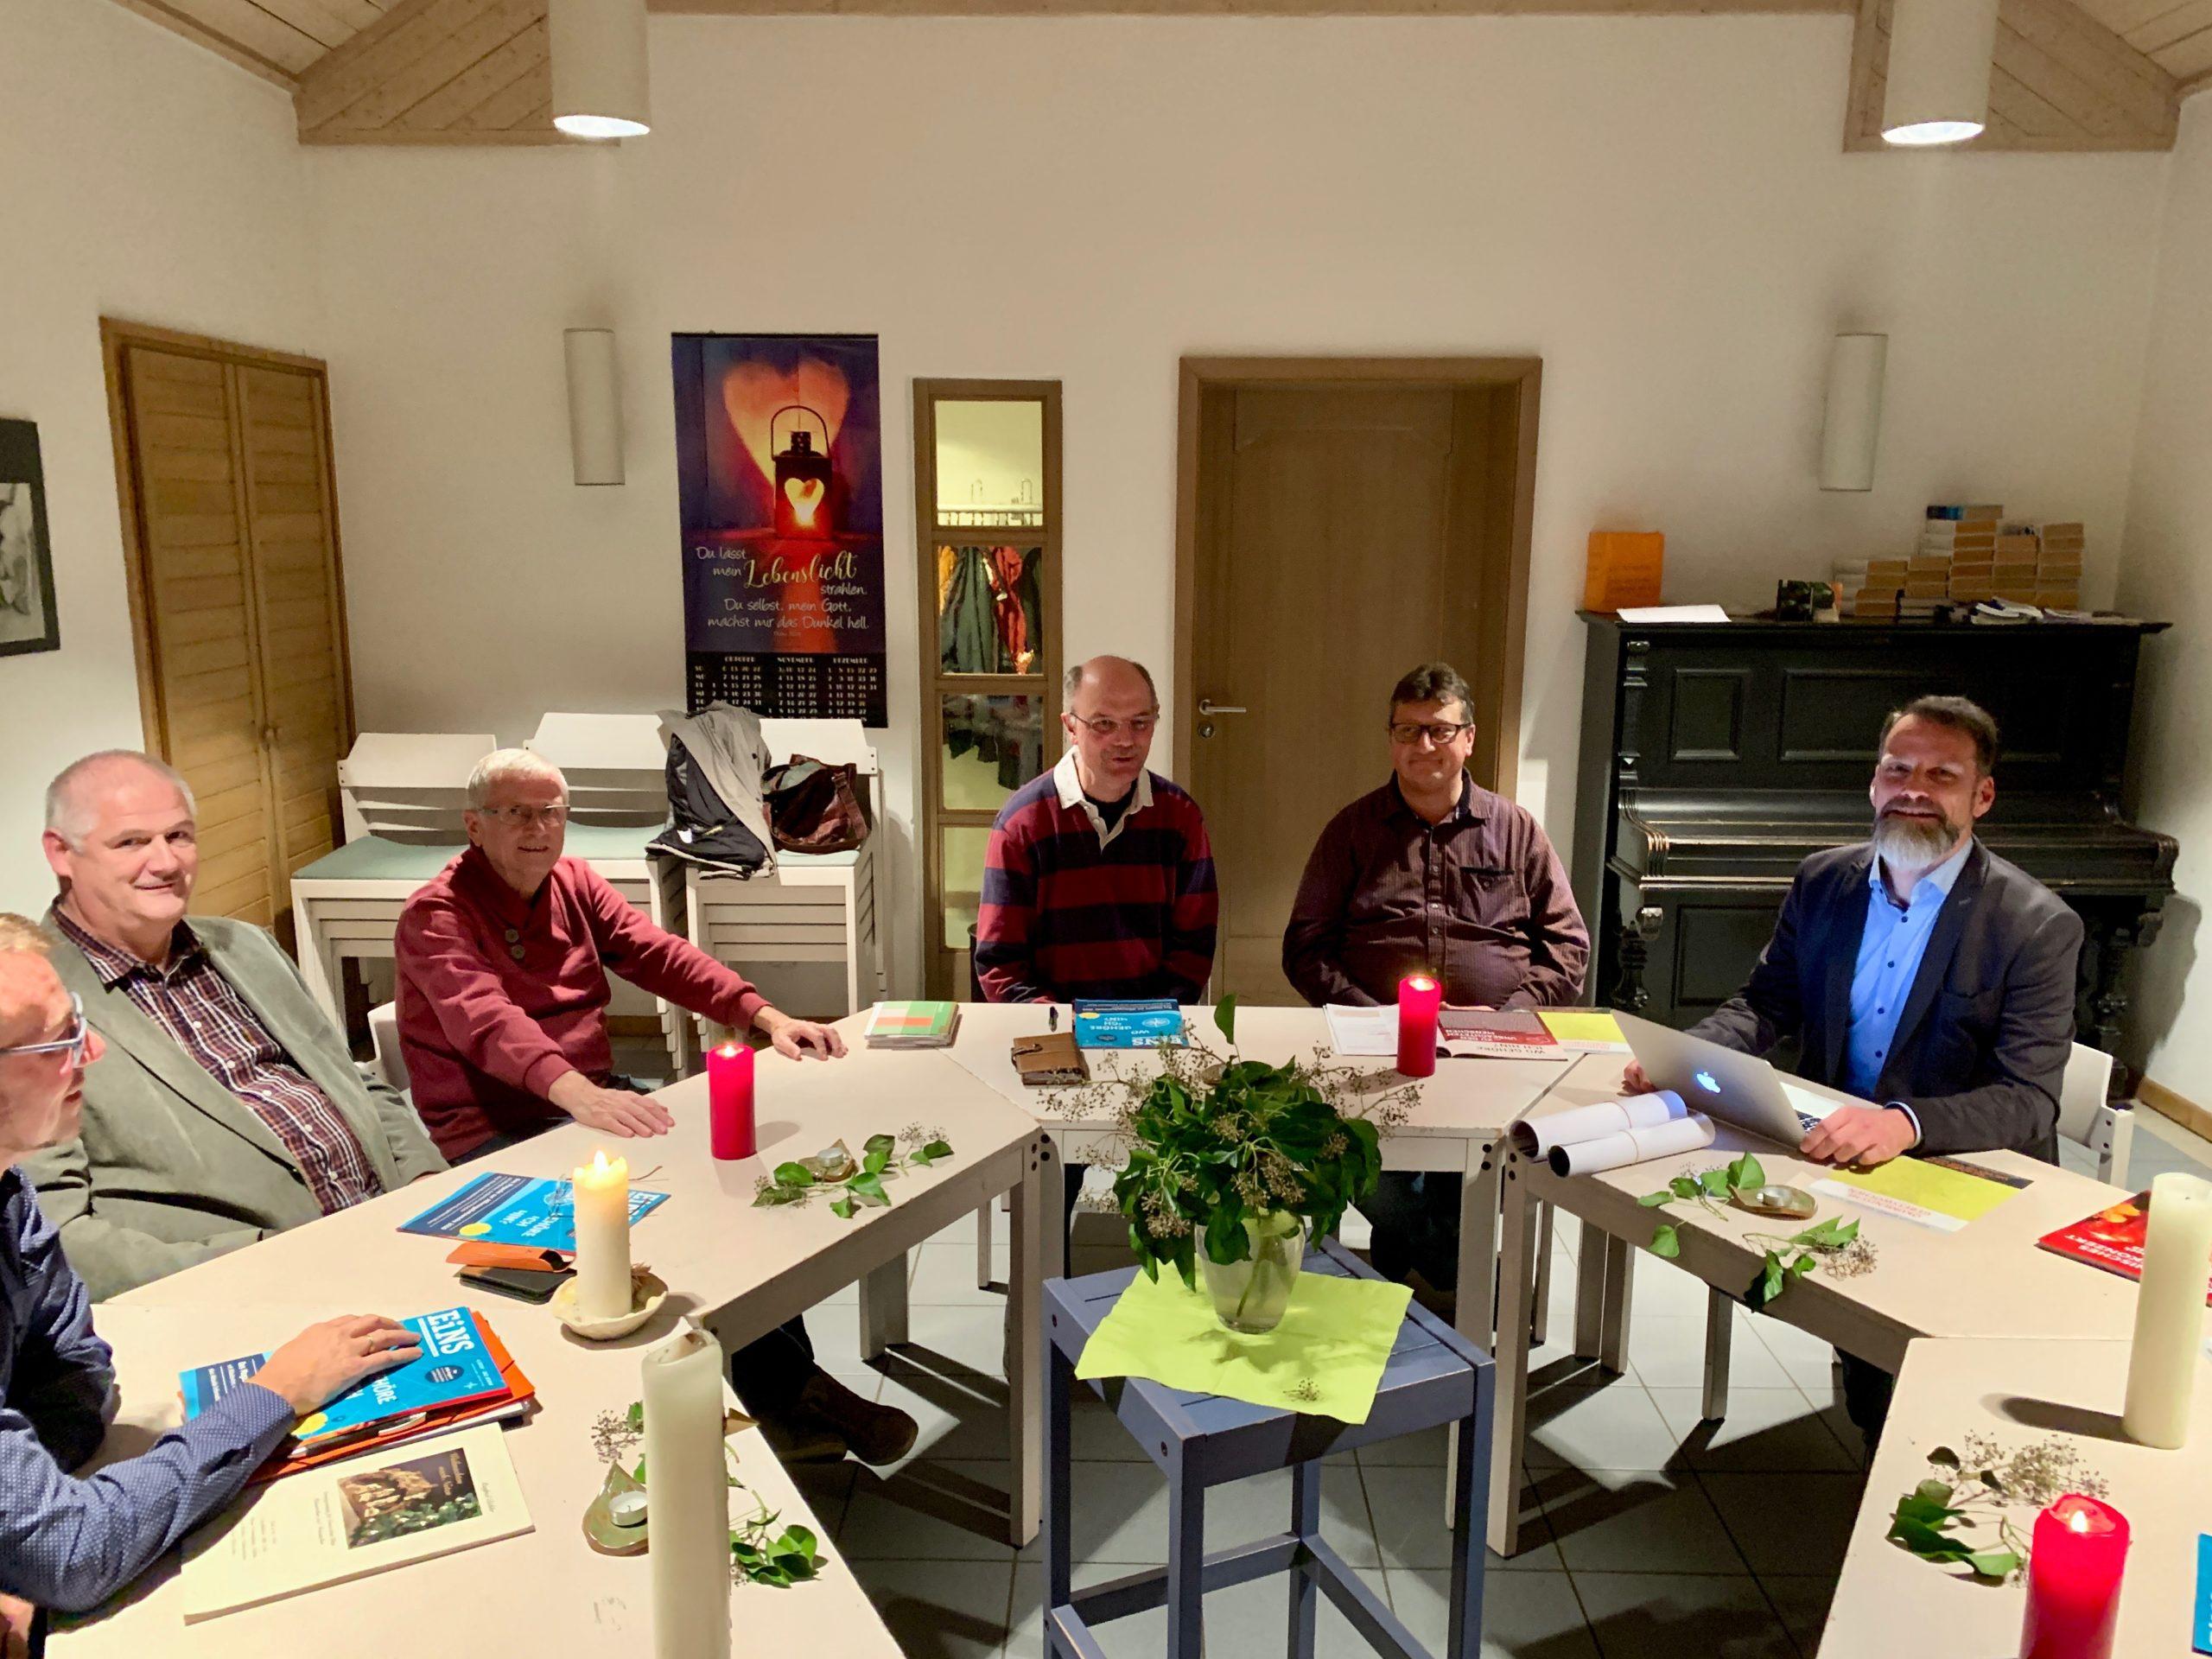 Ralf Franz, Hartmut Jahn, Joachim Bogdain, Jörg Reichmann, Steffen Eckner, Matthias Creutzberg